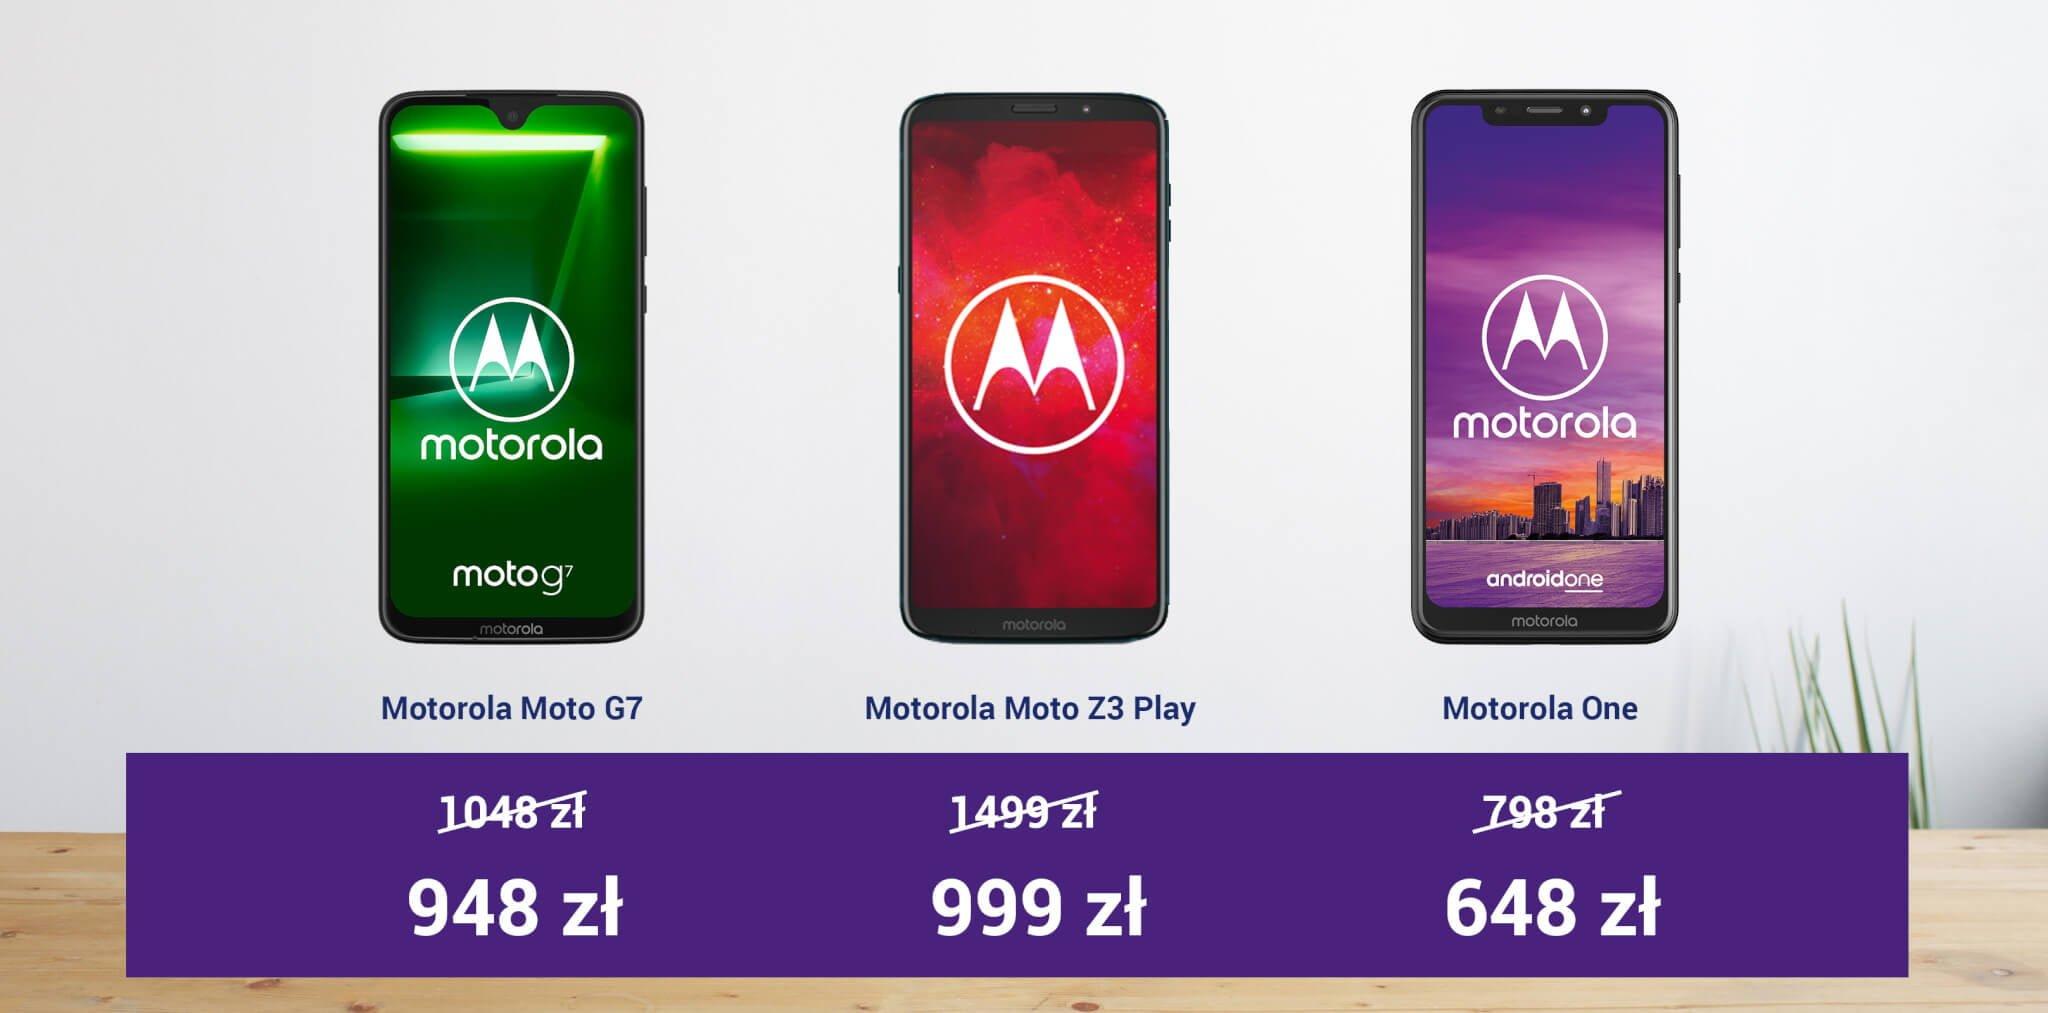 Tydzień z Motorolą w Play - kupicie taniej Moto Z3 Play, Moto G7 i Motorolę One